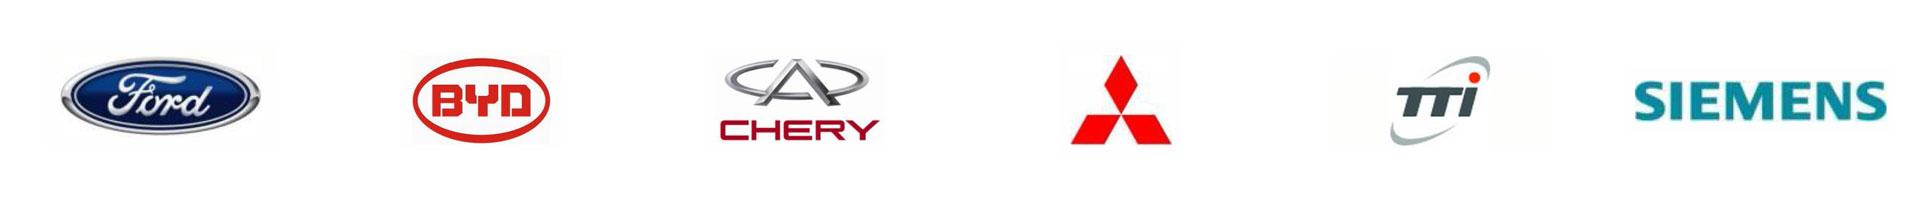 sb-logo-002